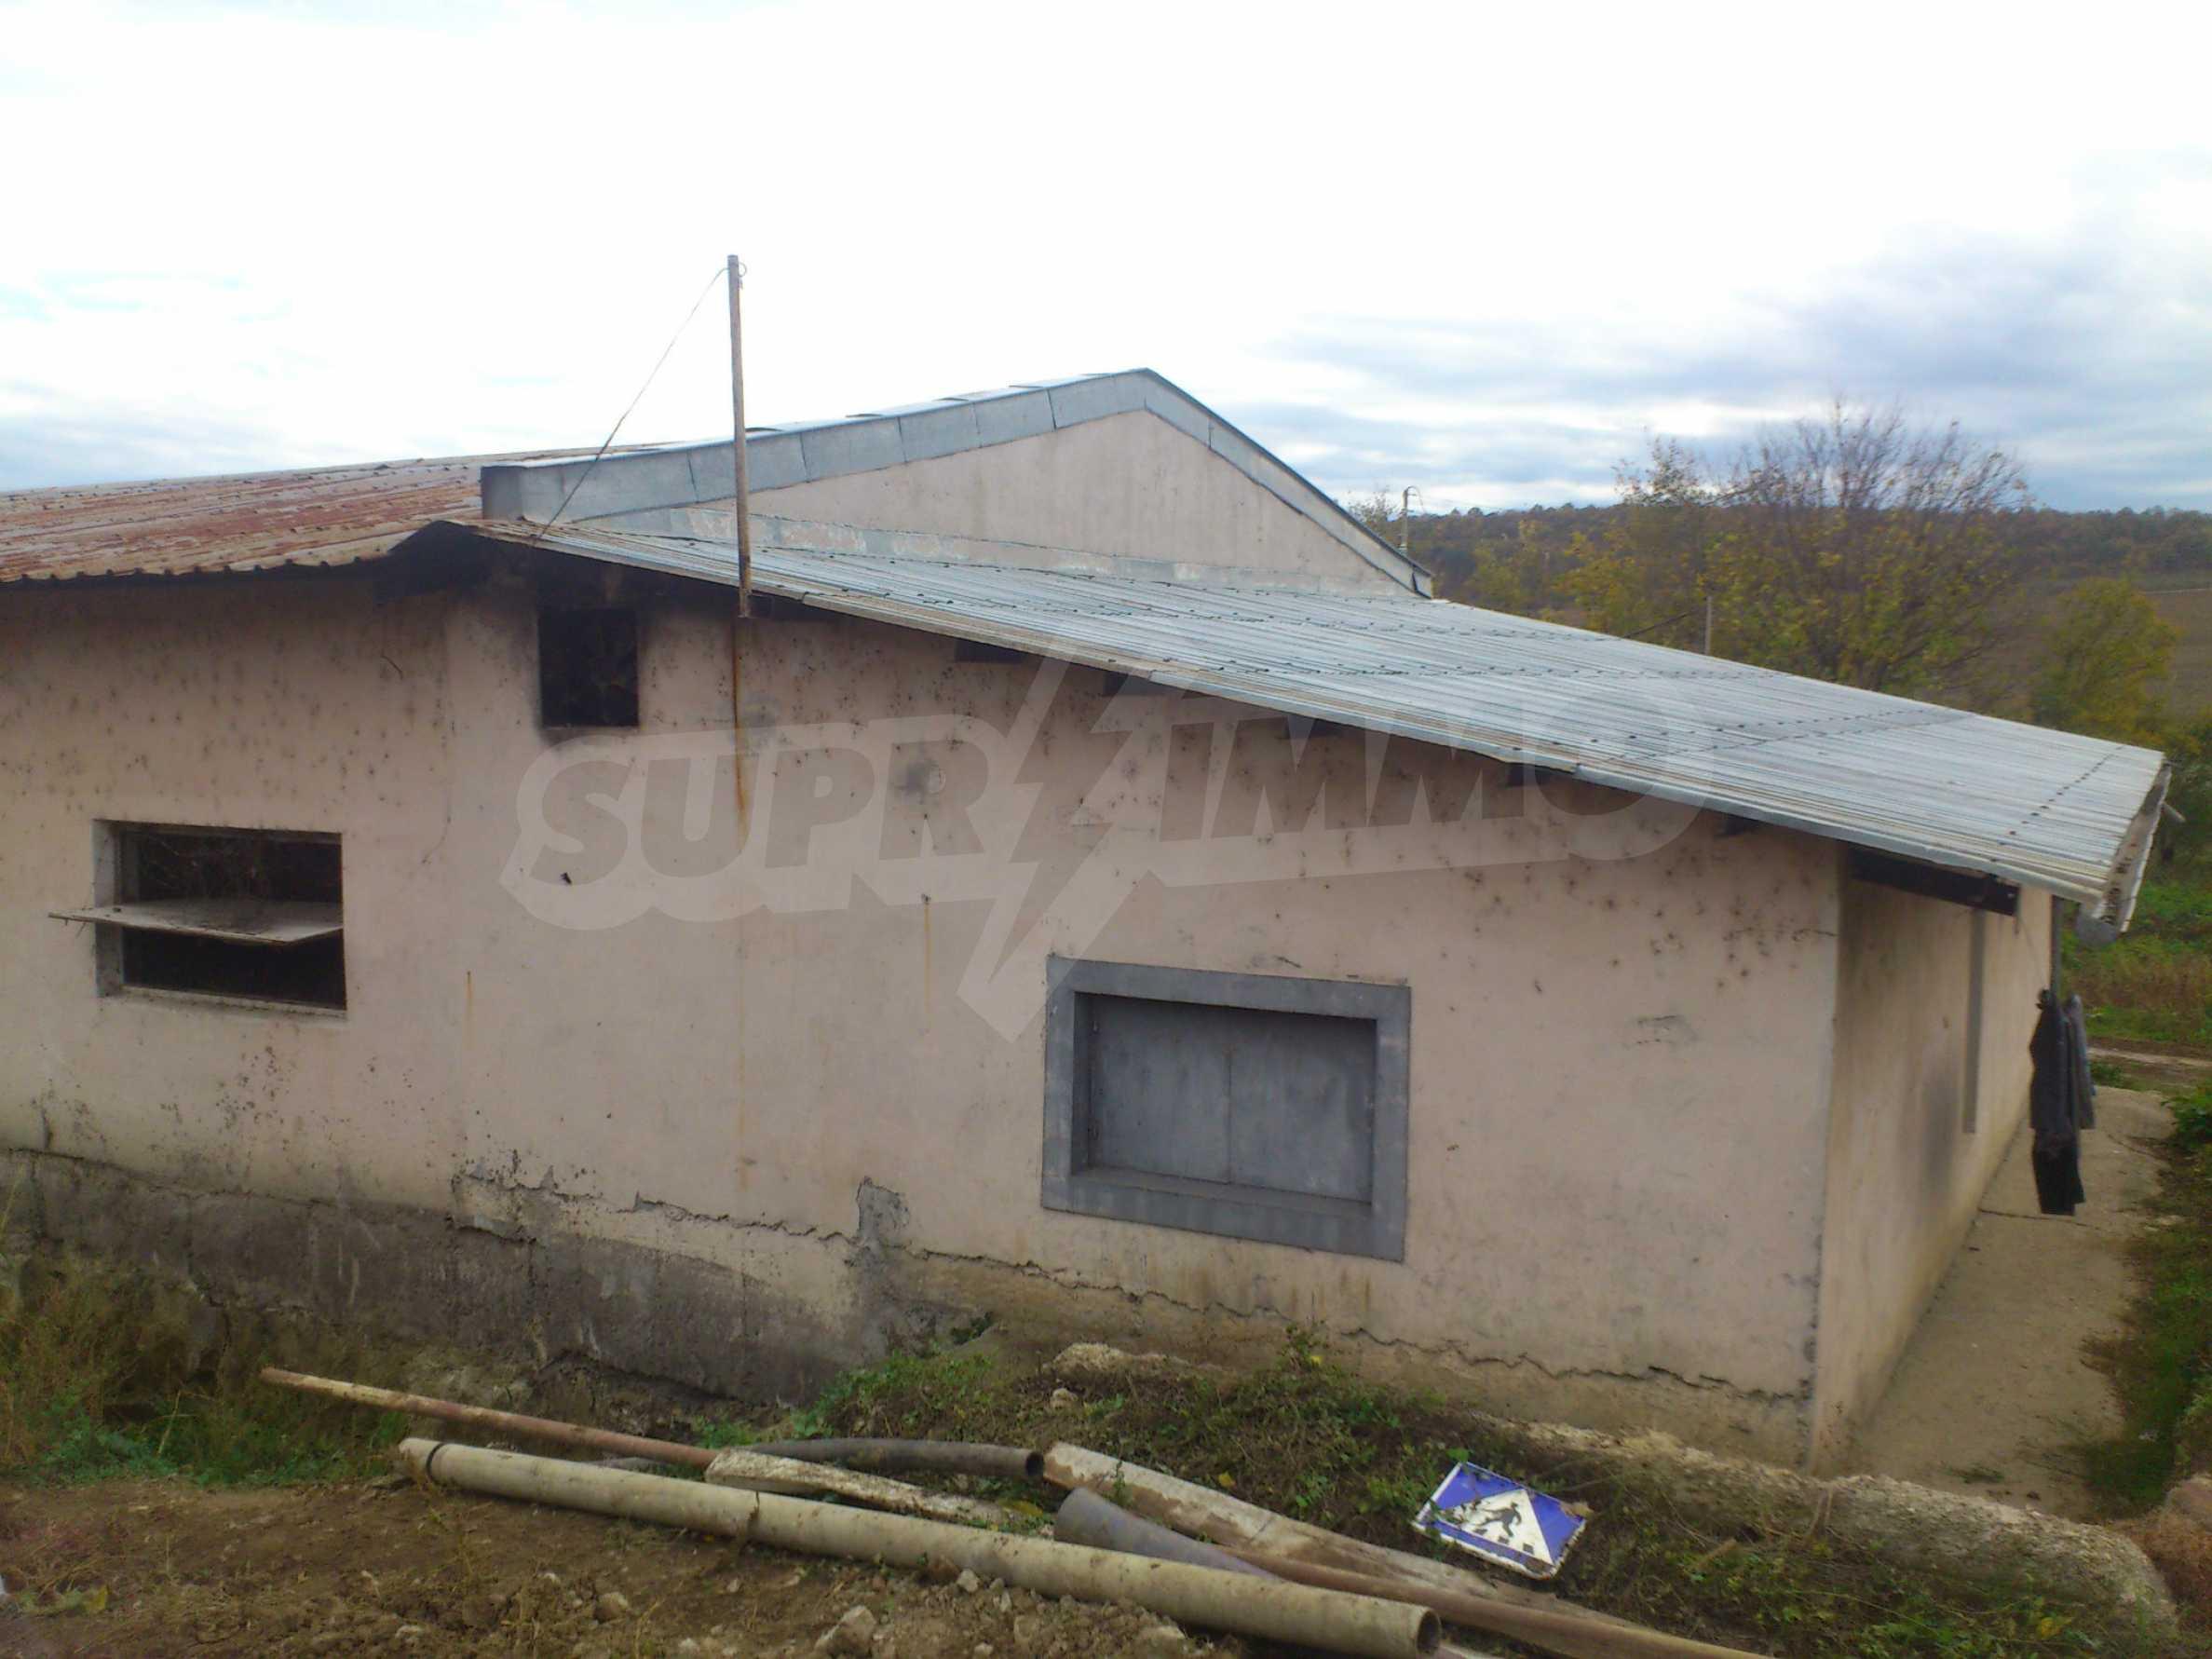 Neues Bauernhaus in einem Dorf in der Nähe von Veliko Tarnovo 15